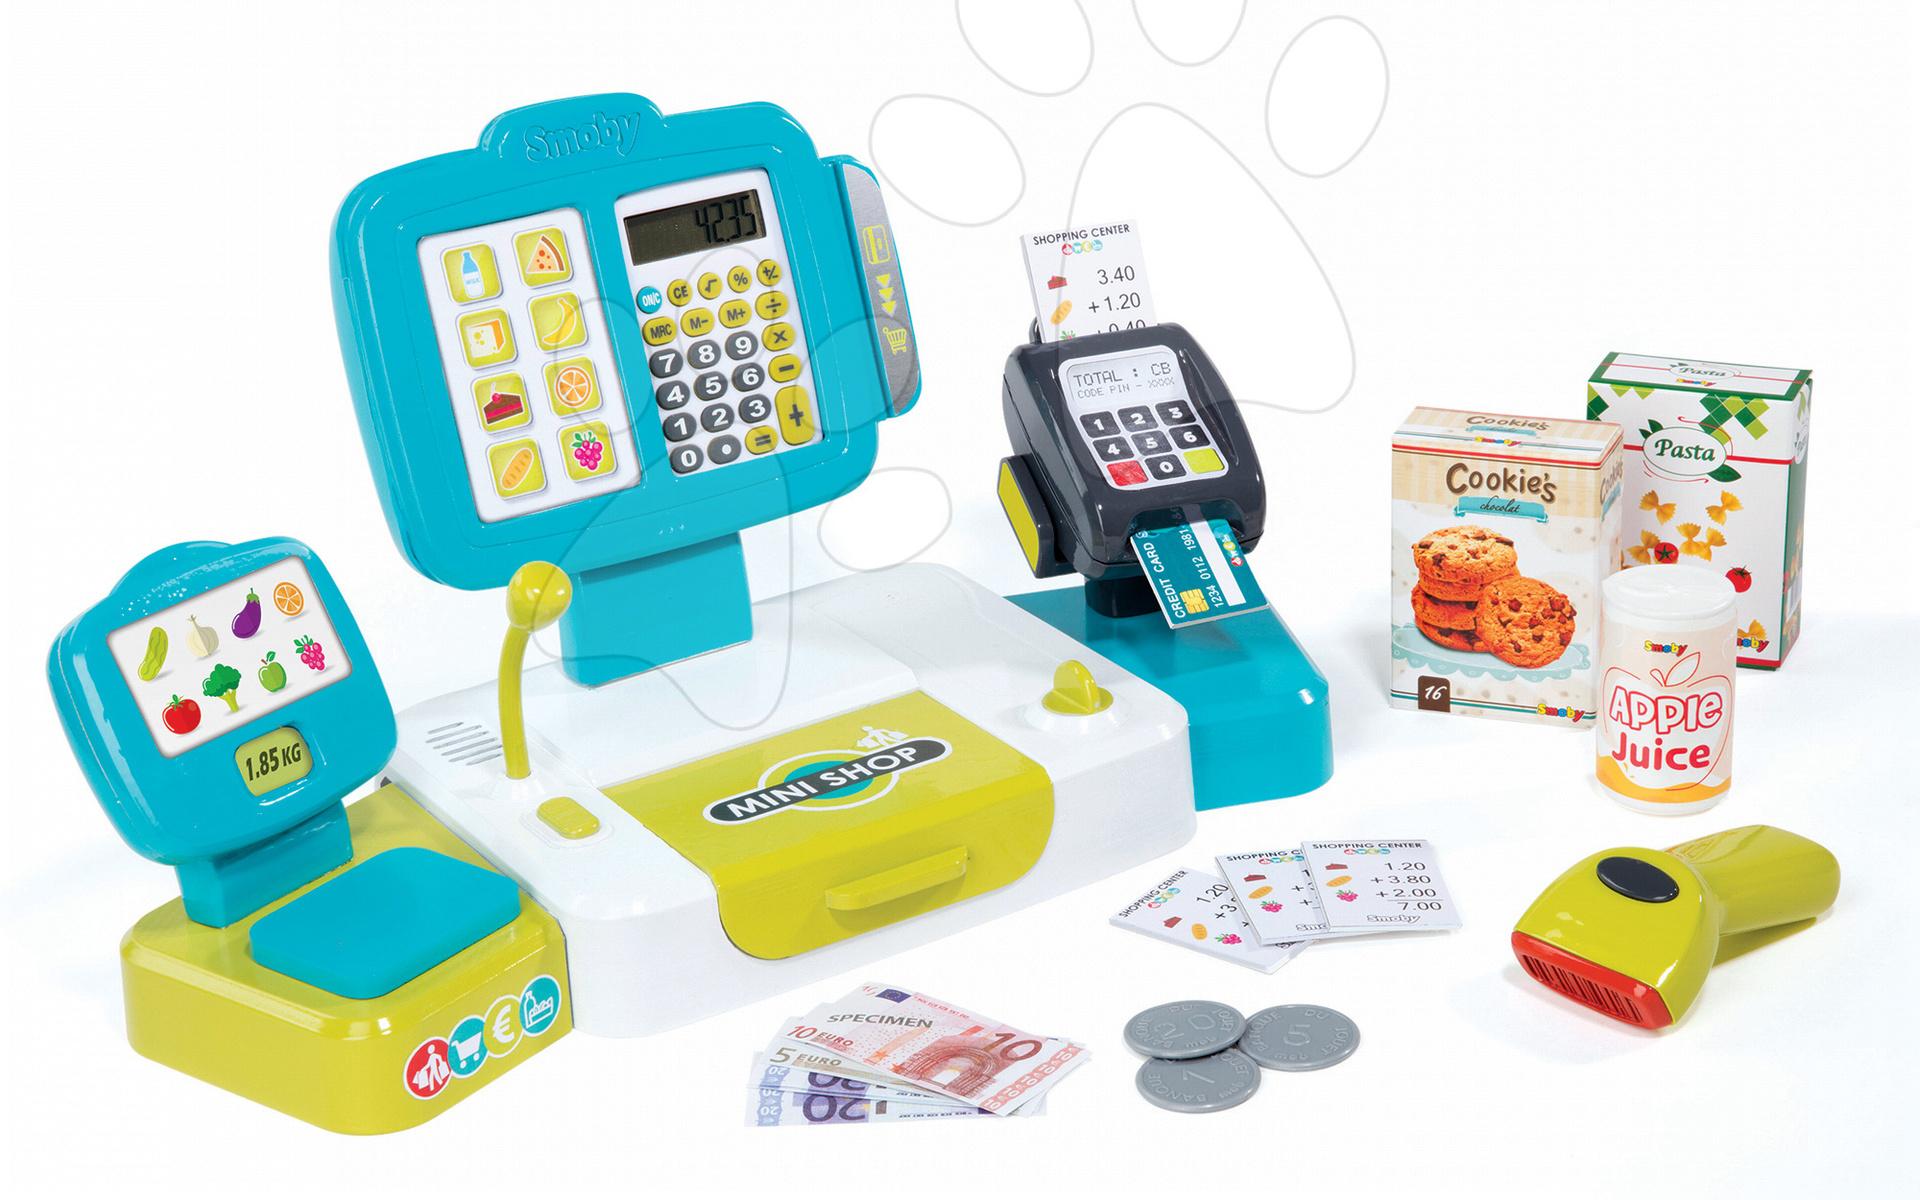 Pokladna Mini Shop elektronická Smoby s váhou, terminálem, čtečkou kódů a 27 doplňky tyrkysová